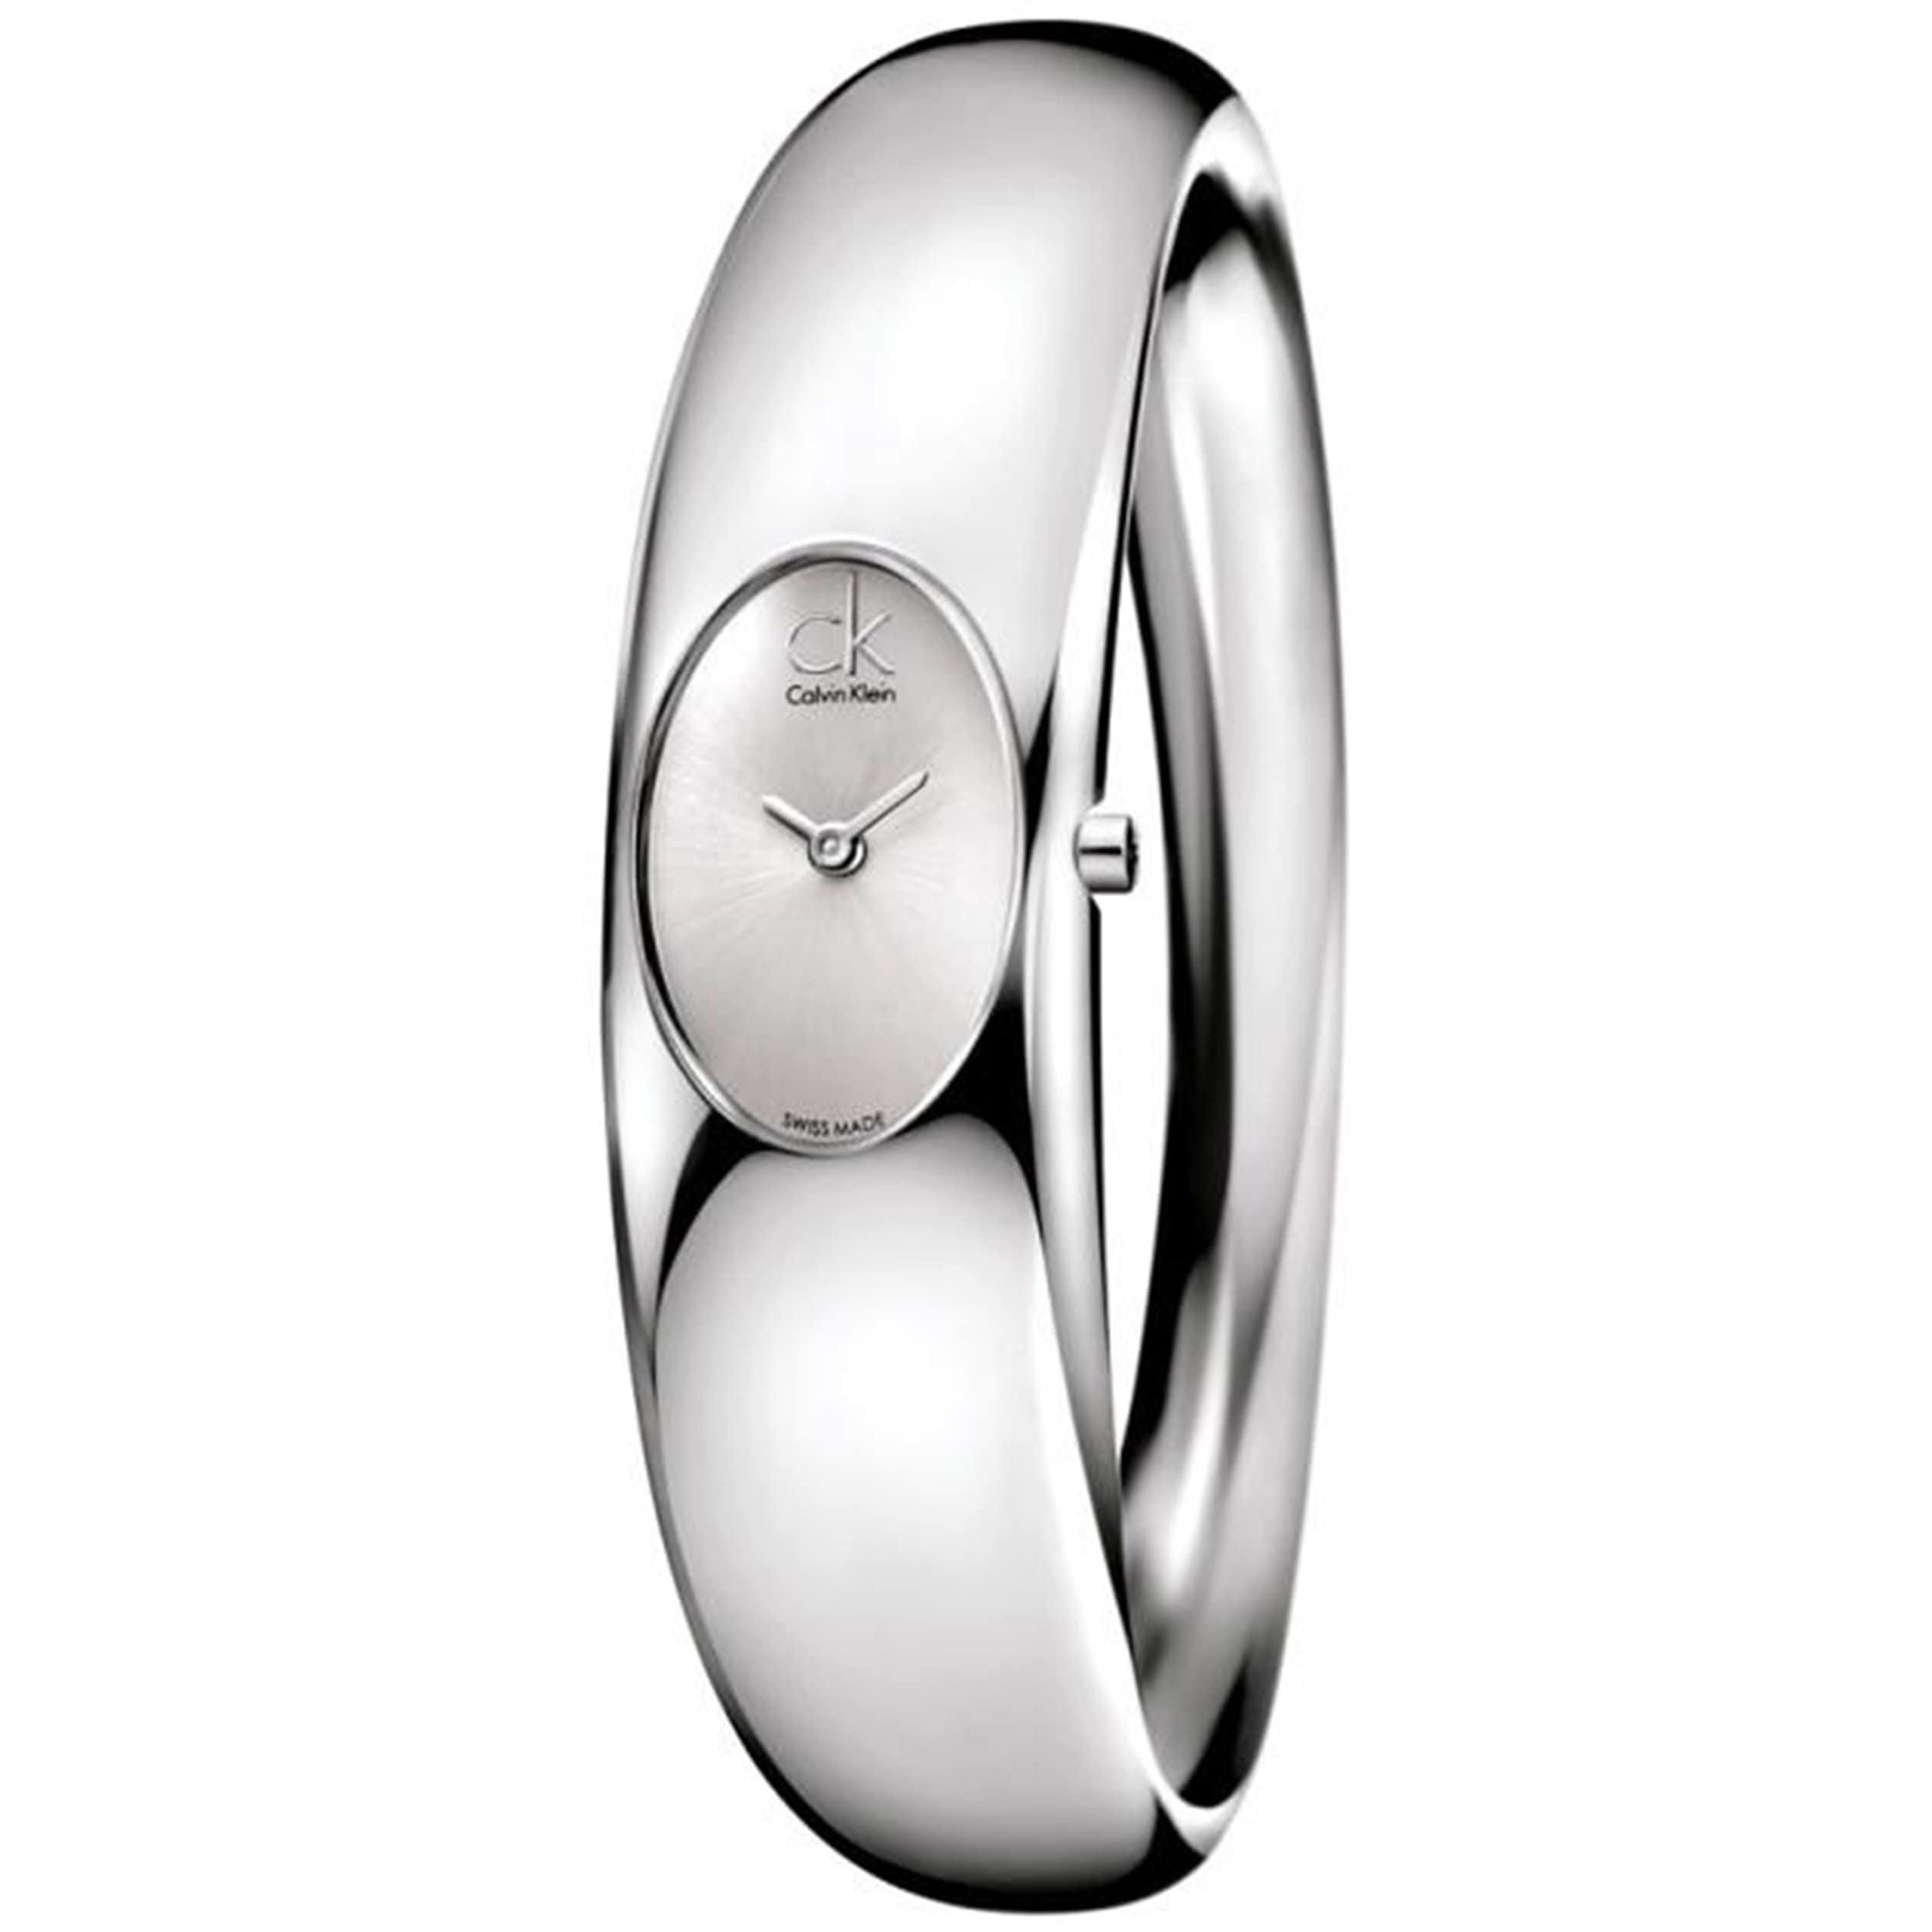 Calvin Klein Women's Stainless Steel 'Exquisite' Watch, S...